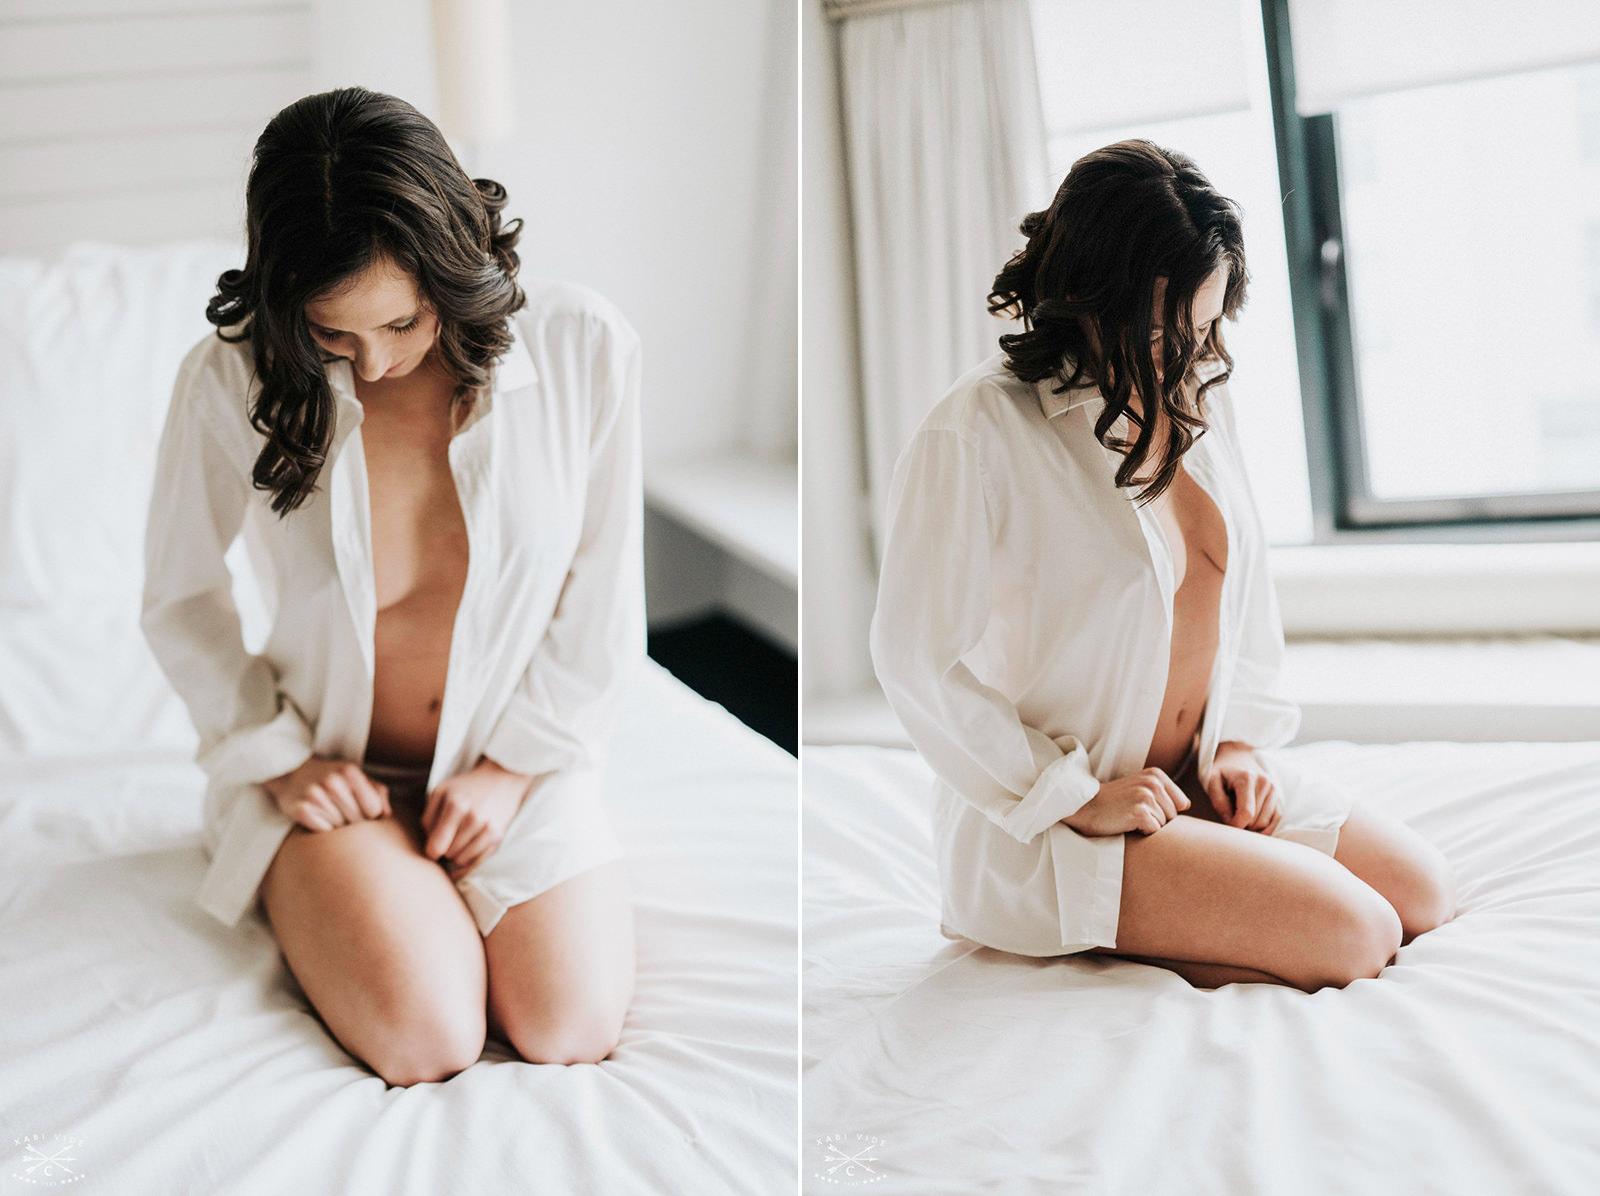 pilar_boudoir_xabivide-2